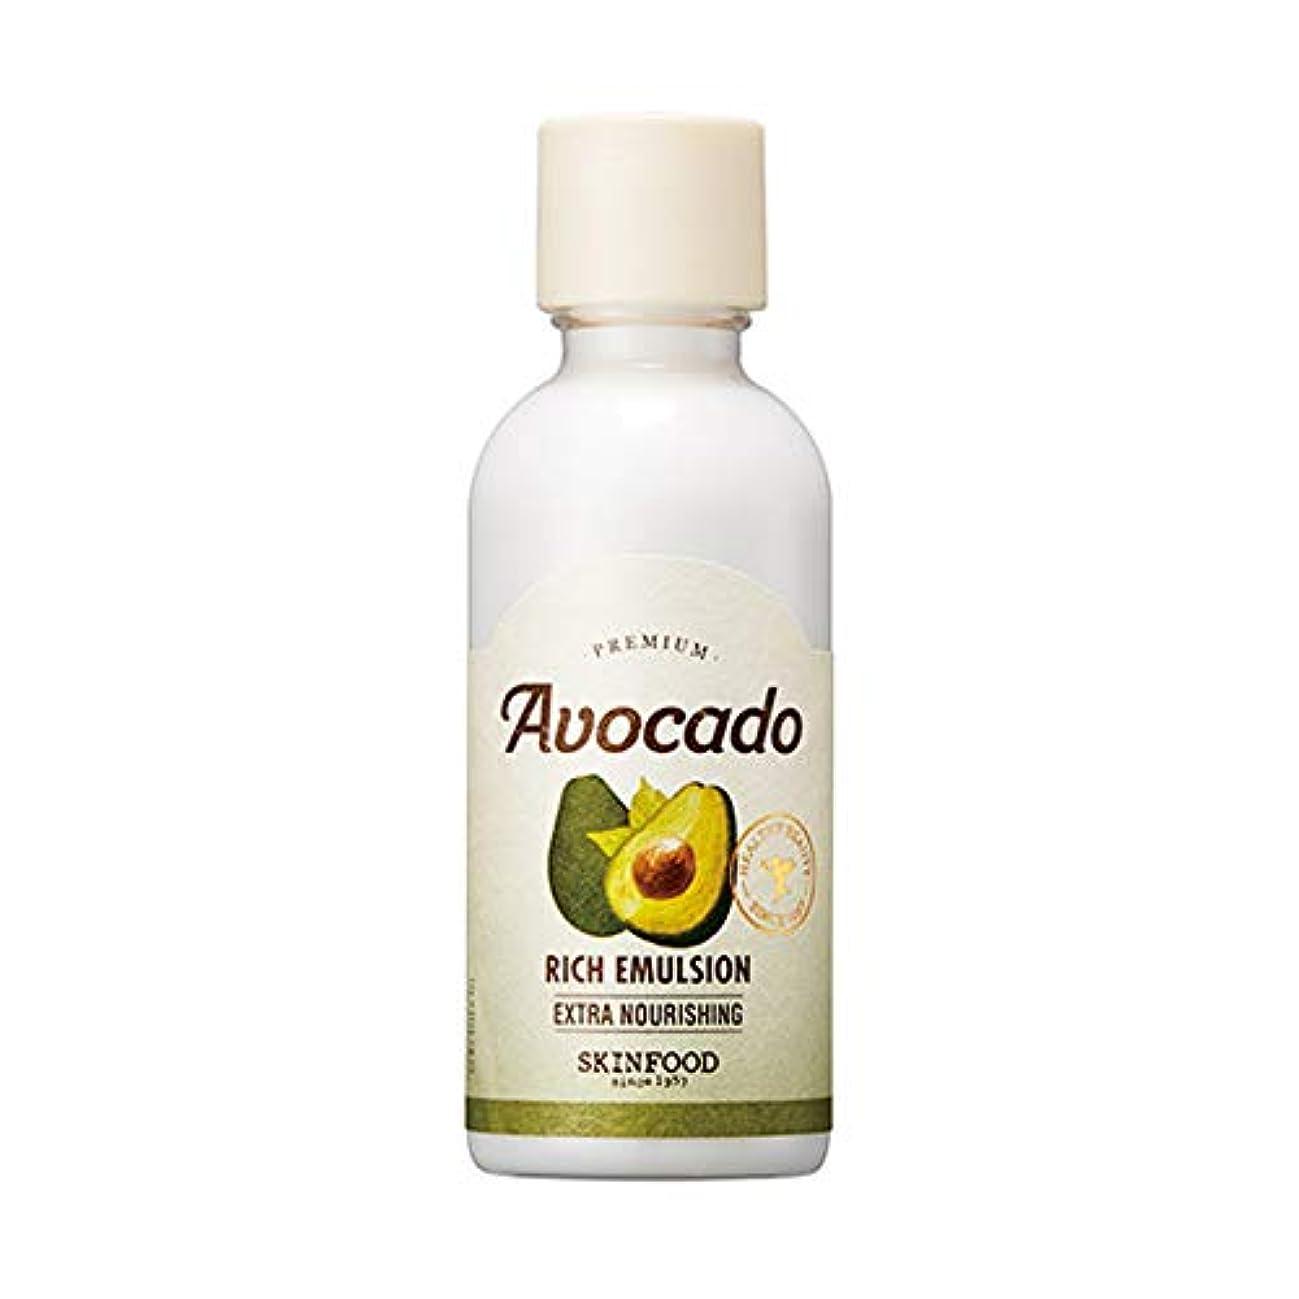 やろうコーヒーみなすSkinfood プレミアムアボカドリッチエマルジョン/Premium Avocado Rich Emulsion 160ml [並行輸入品]